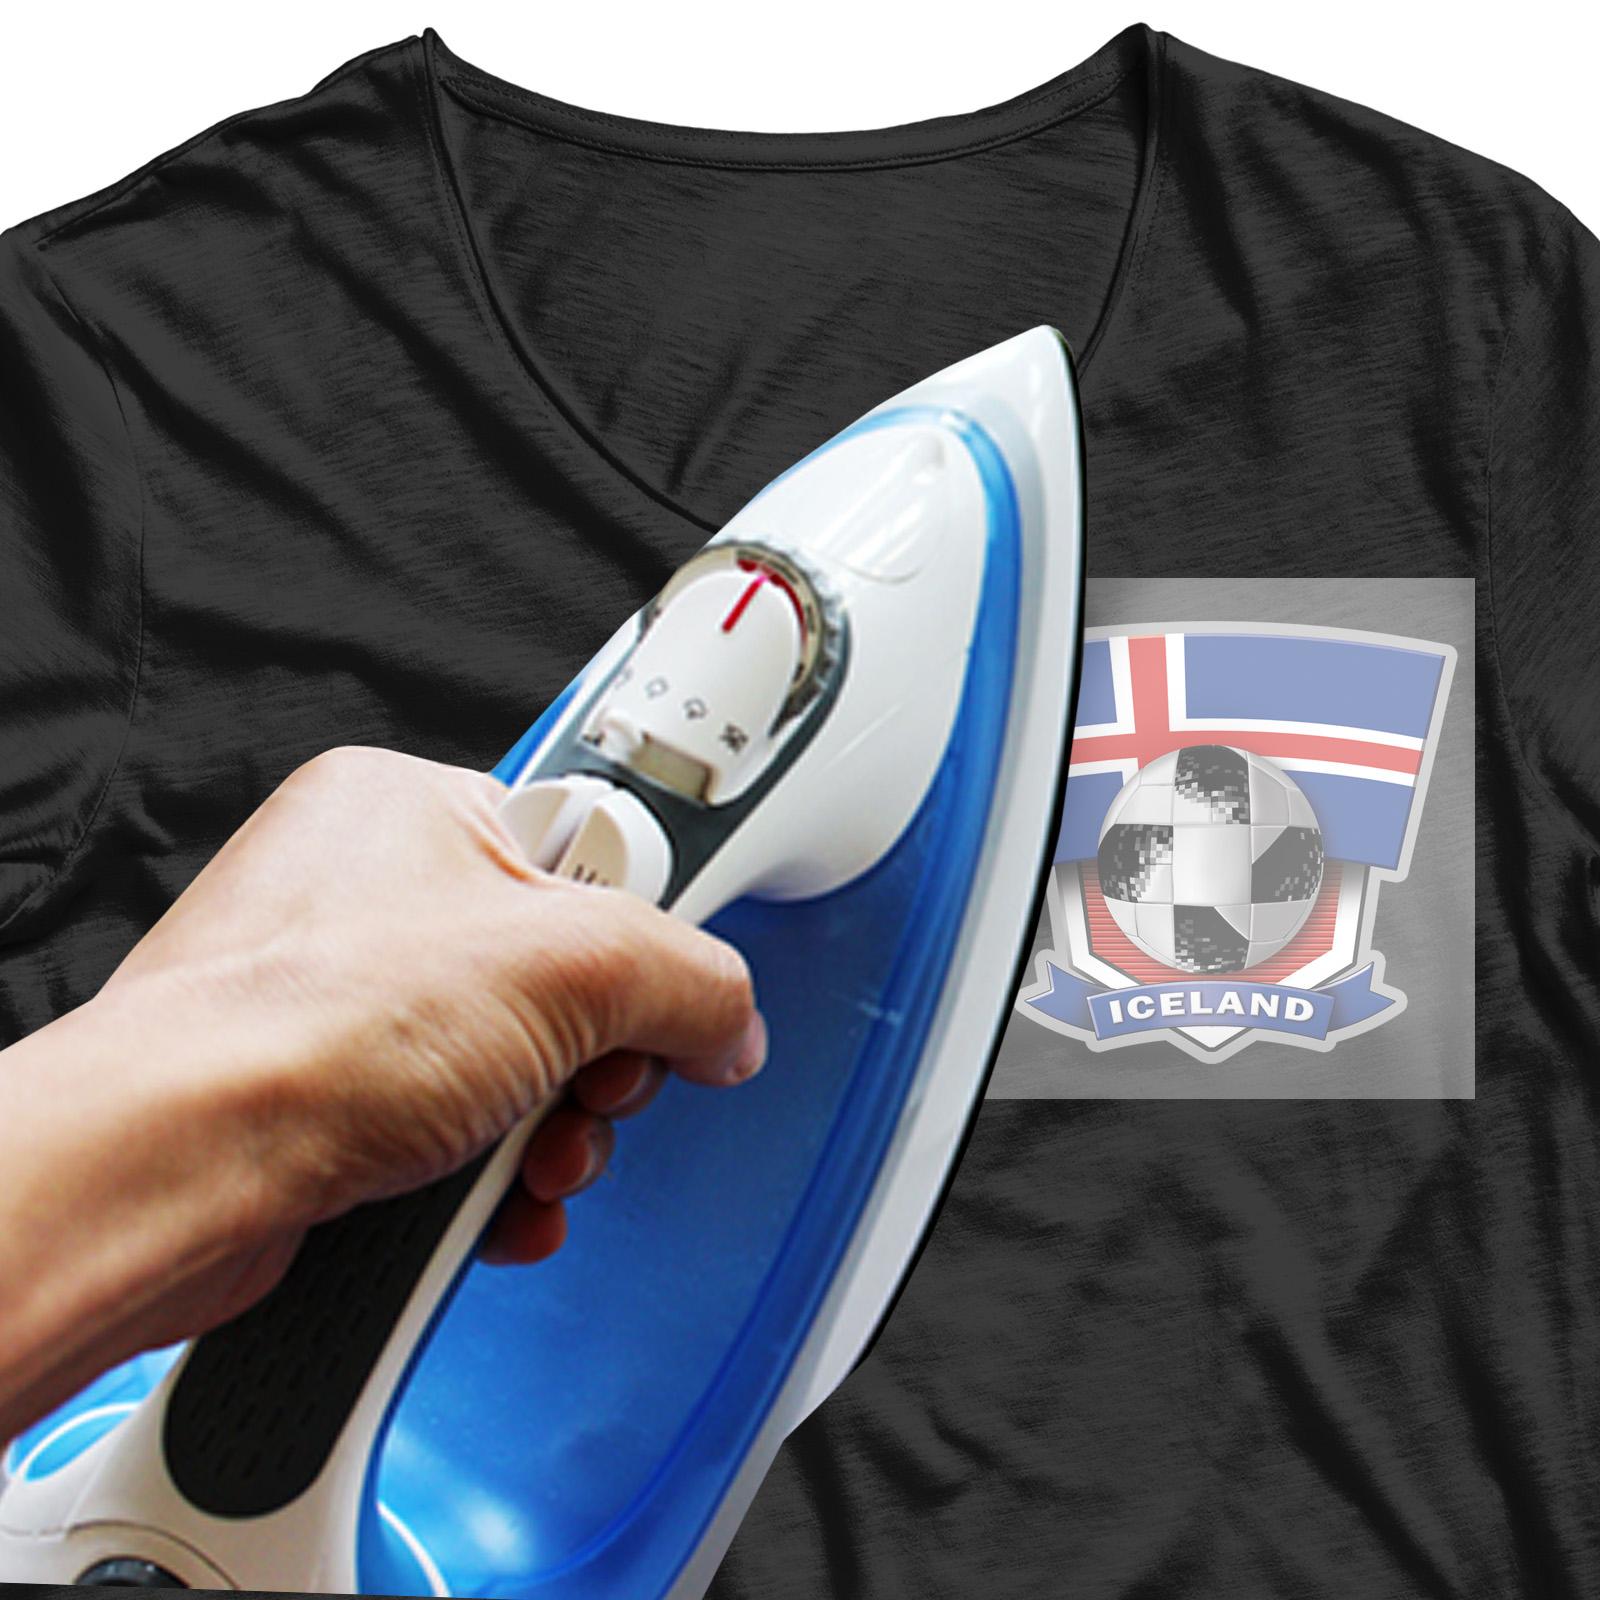 """Сублимация на футболку """"Сборная Исландии по футболу"""""""